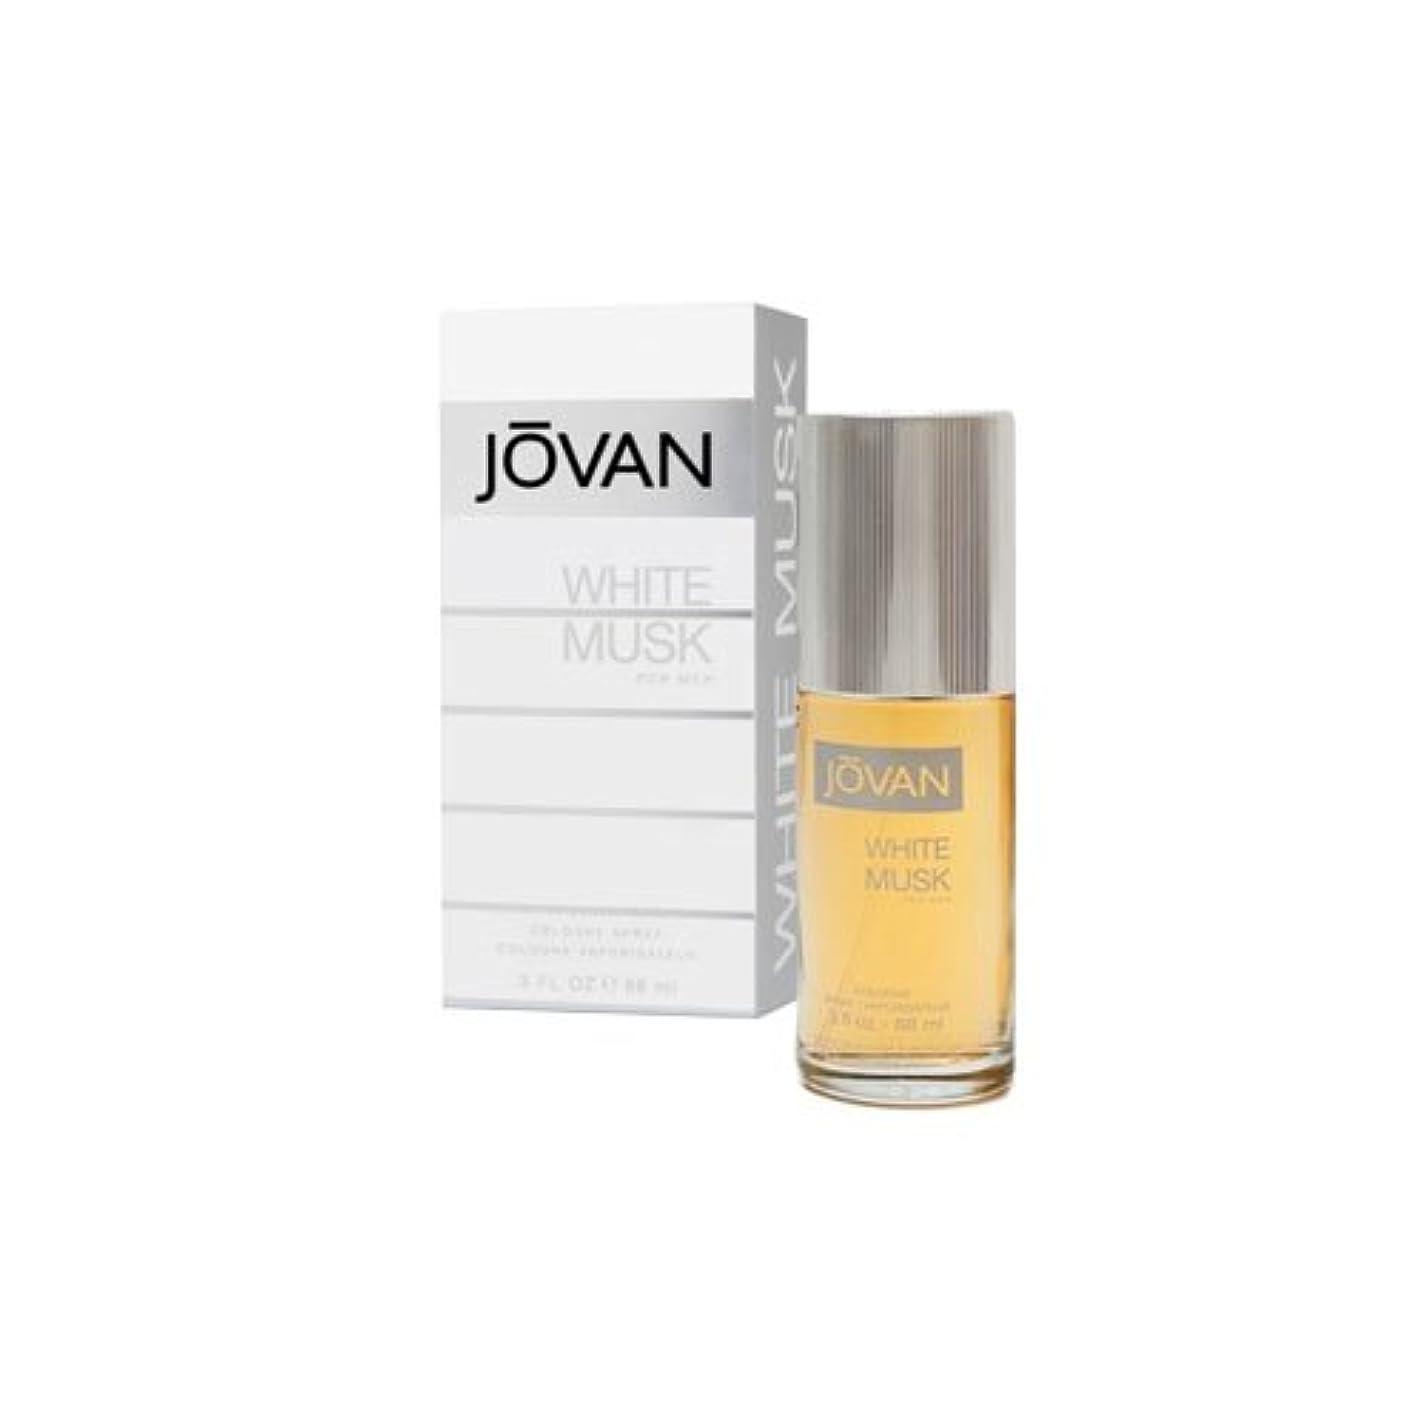 添加高速道路添加JOVAN ジョーバン ホワイト ムスク フォーメン 88ml メンズ 香水 (並行輸入品)